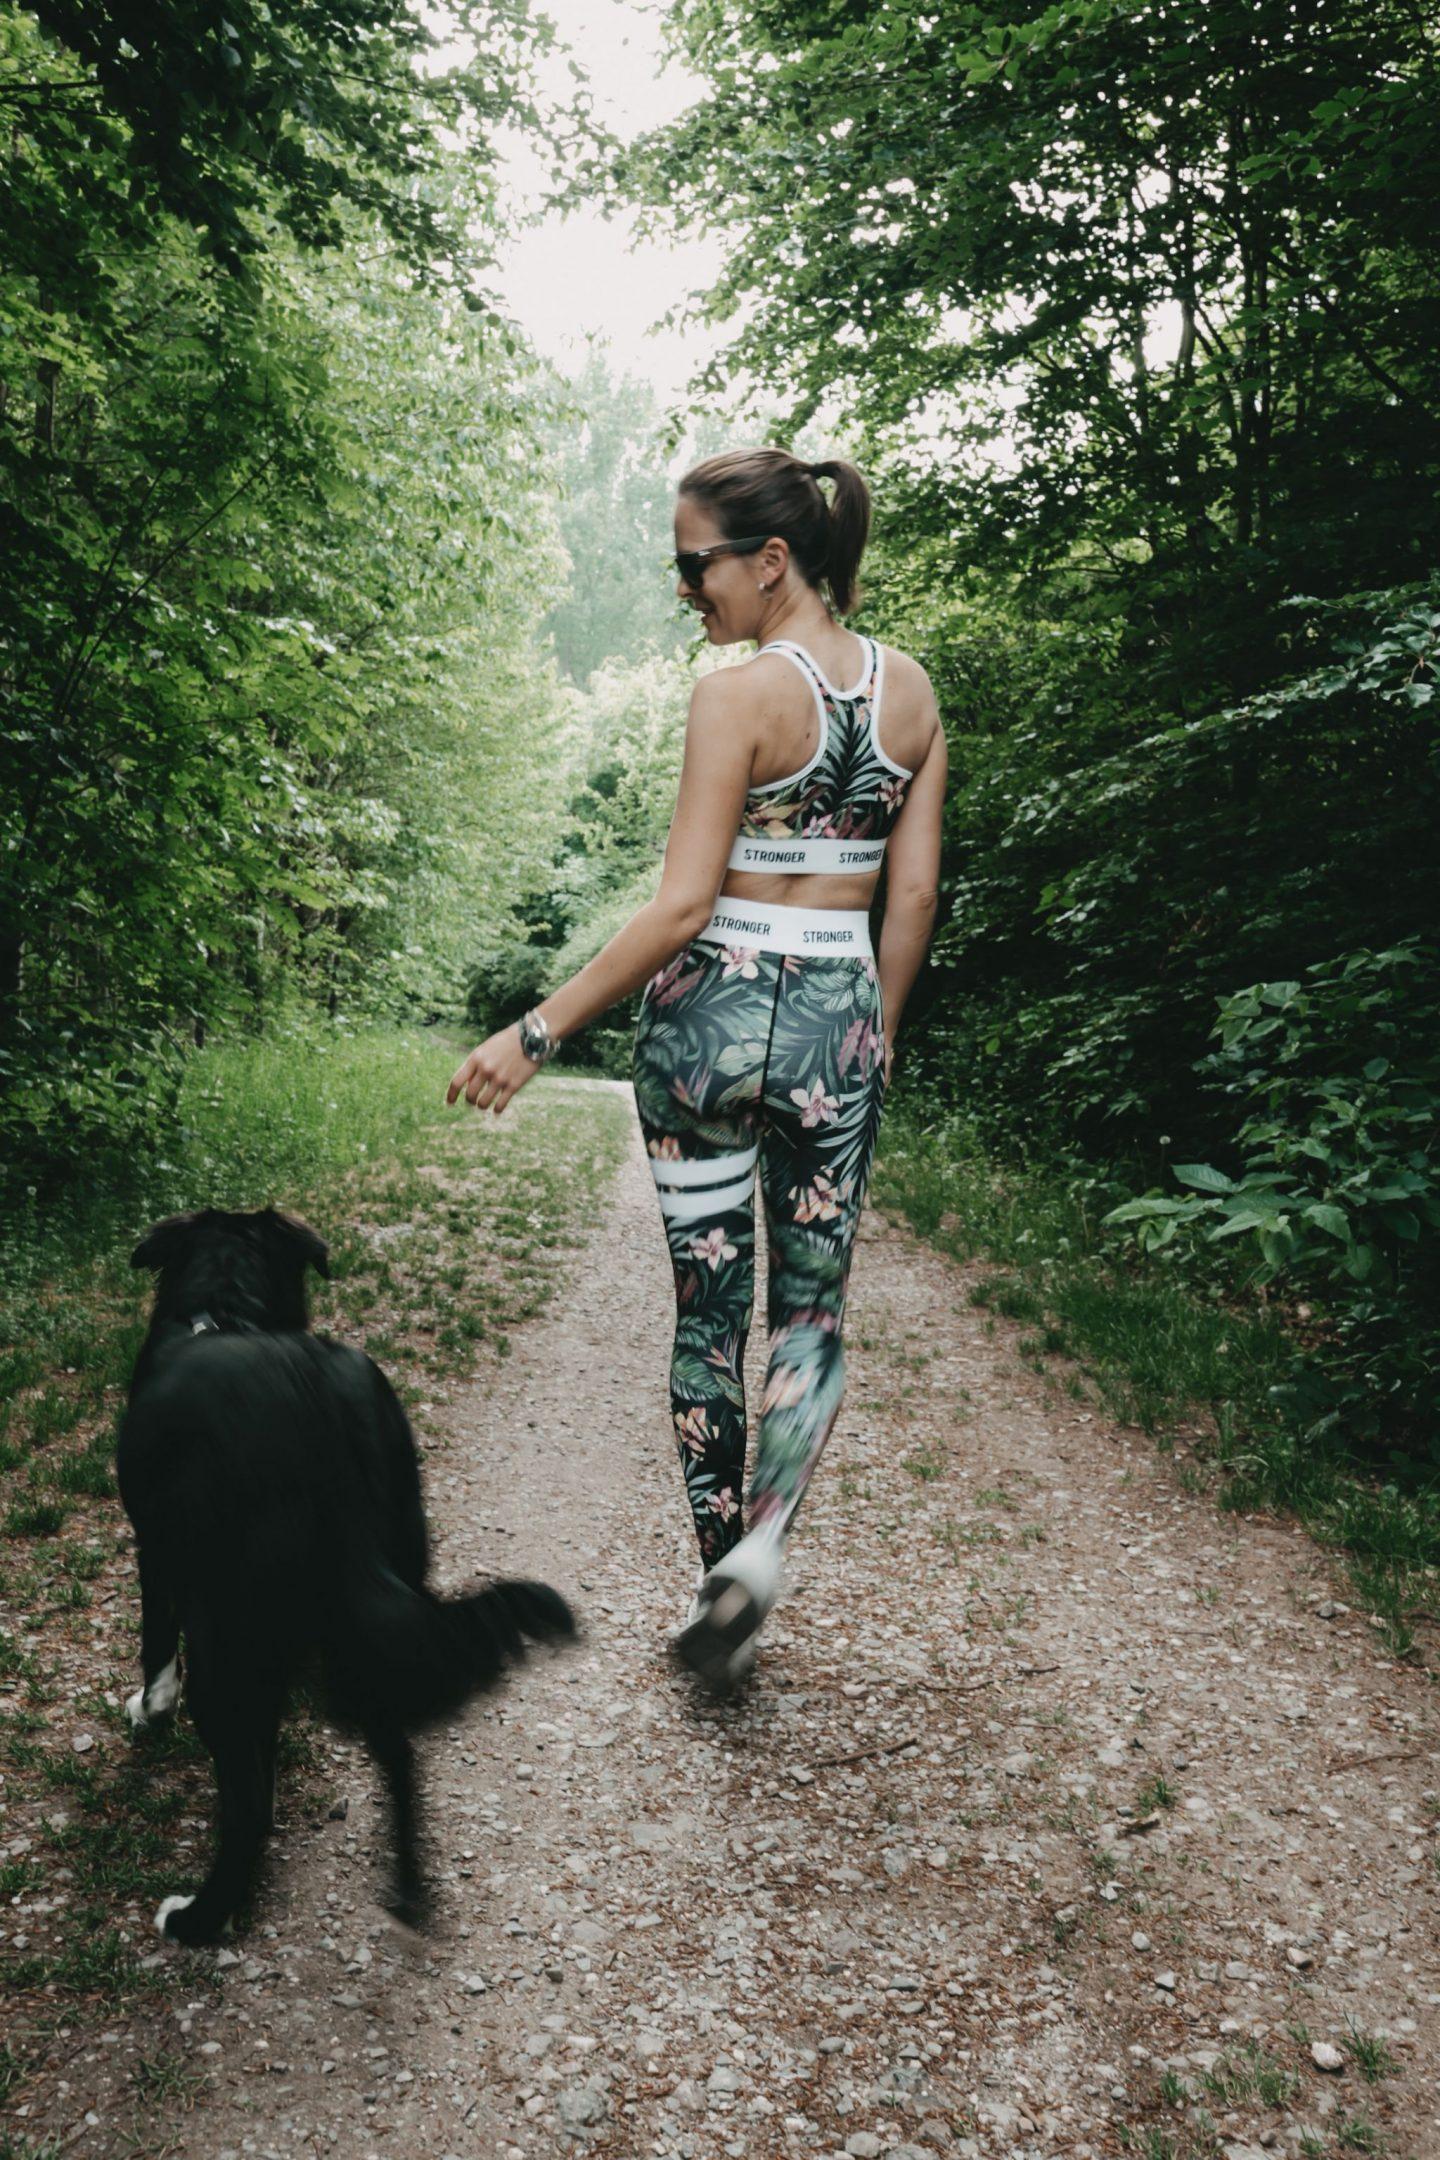 Frau im Wald mit Hund im stylischen Laufoutfit von Stronger